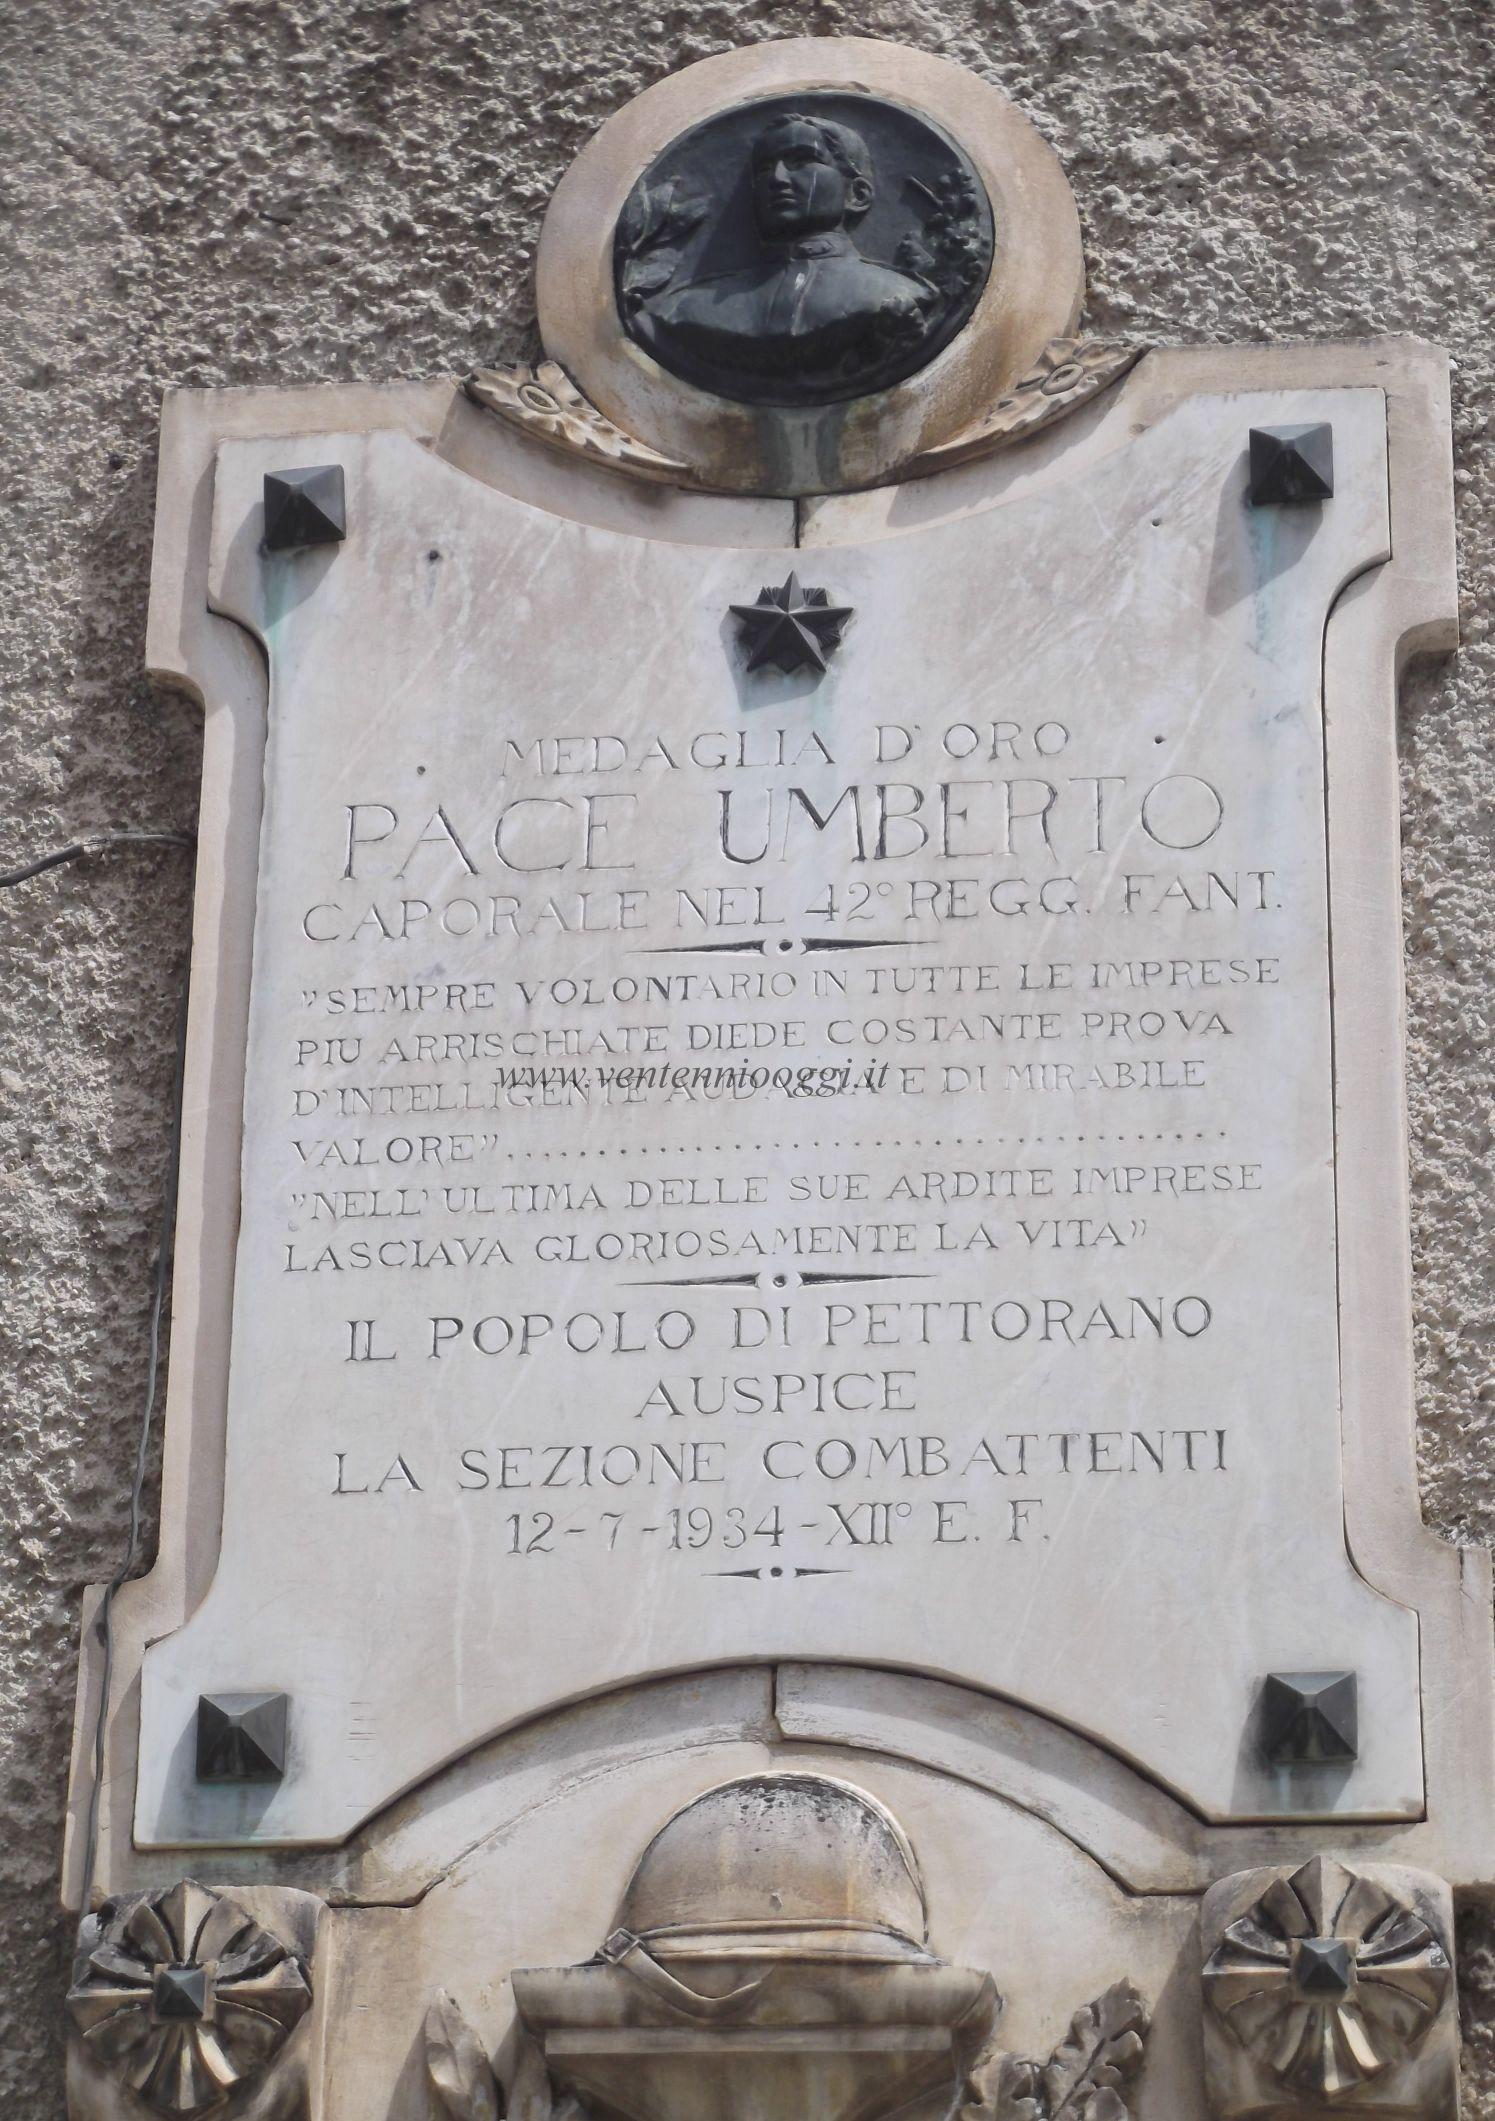 Pettorano Sul Gizio Lapide Pace Umberto 1di2 Apr15 di Gianluca Ciarlariello.JPG